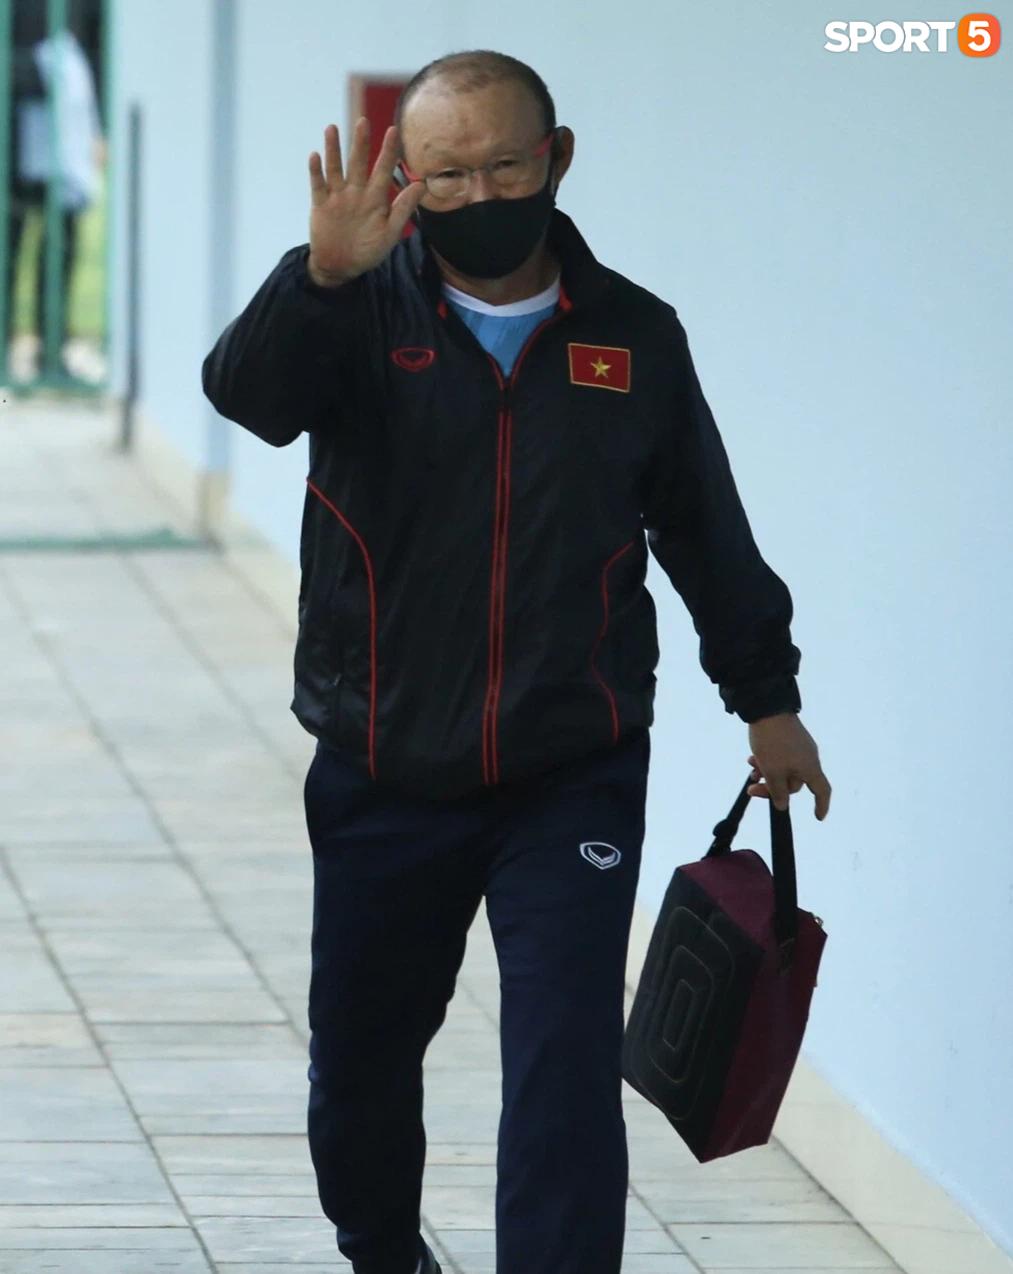 Bực vì học trò không thực hiện đúng, HLV Park Hang-seo trực tiếp thị phạm chuyền bóng - Ảnh 1.